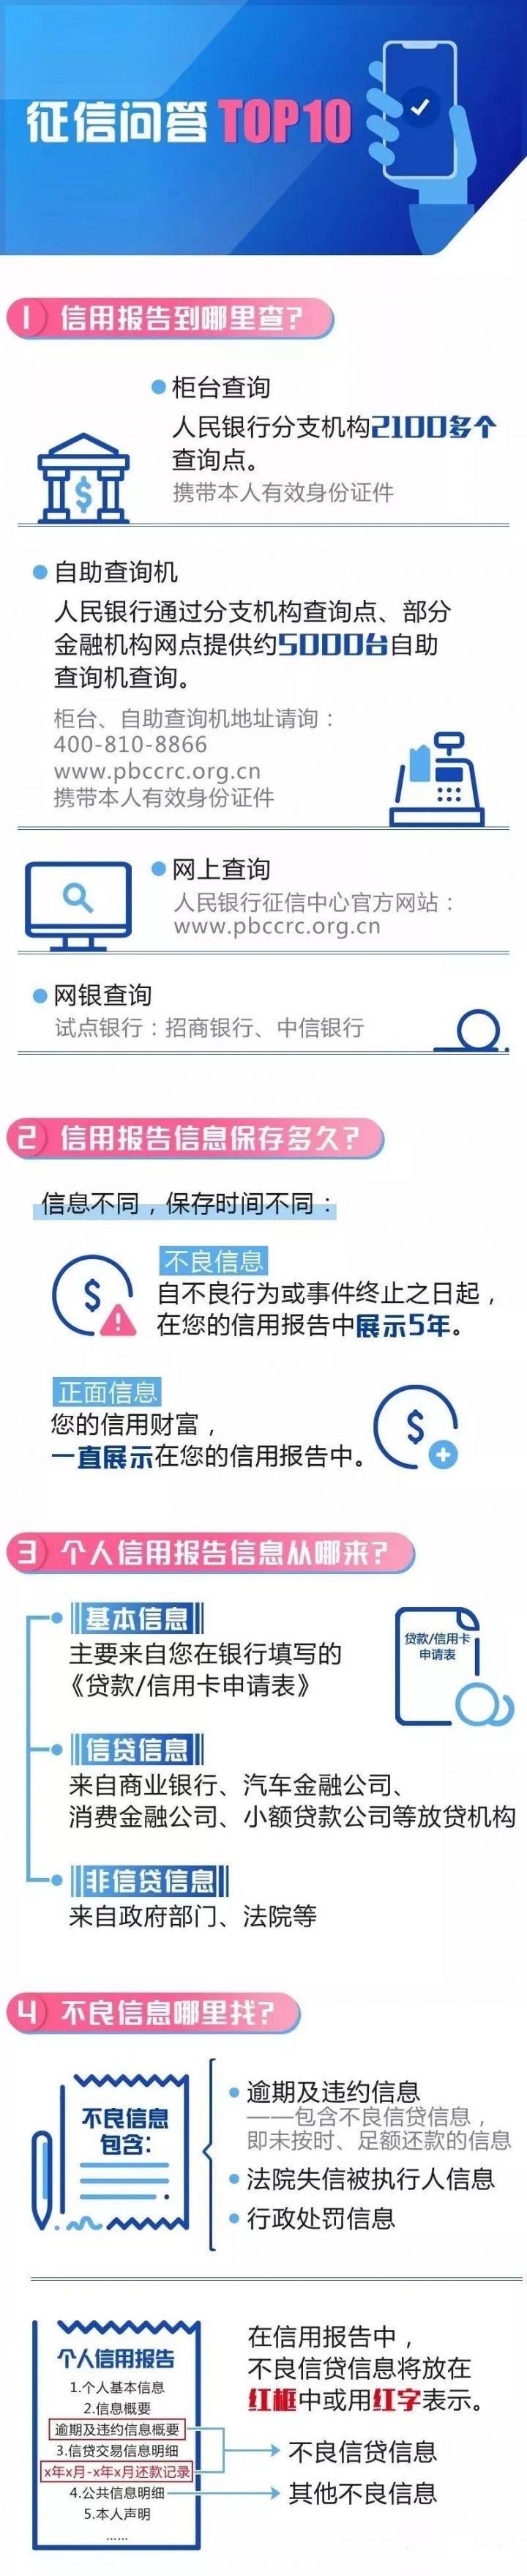 个人征信如何查询  常见问题十大问题权威解答